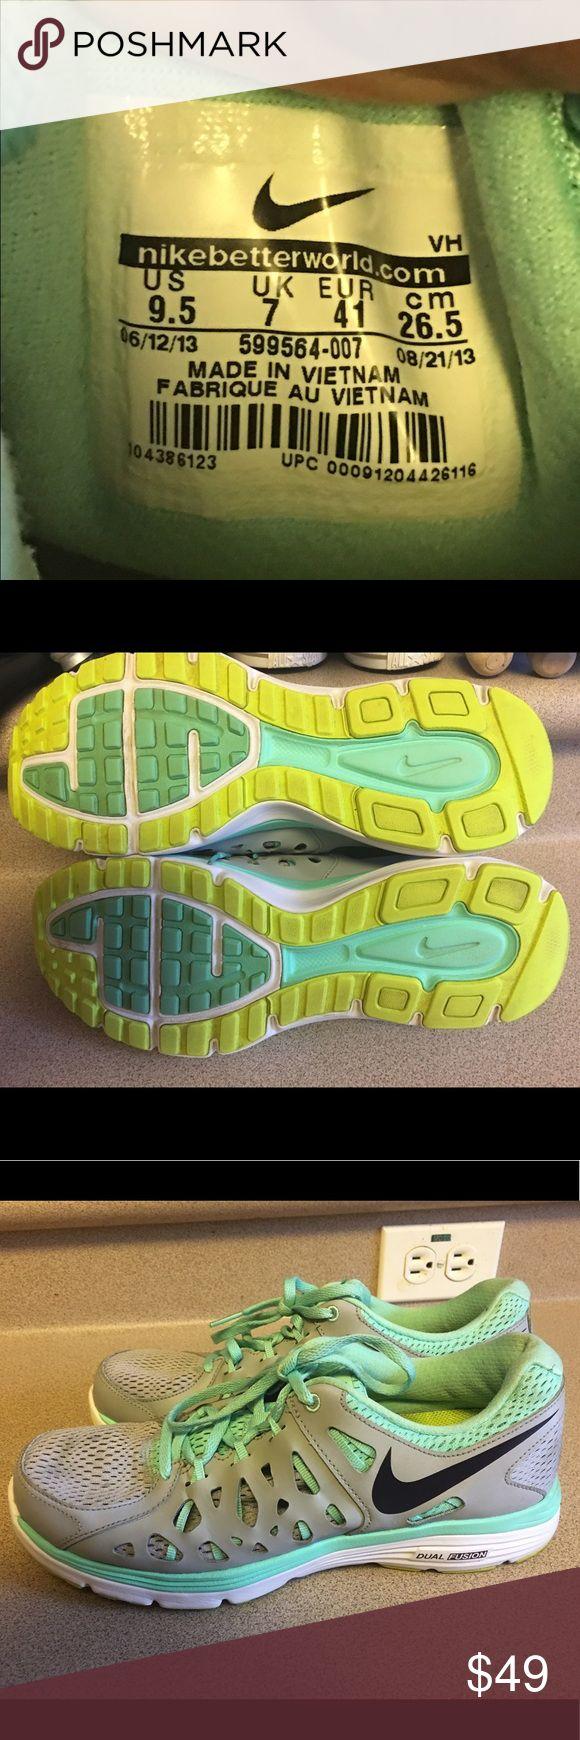 EUC Women's Nike Dual Fusion Run 2 Running Sz 9.5 EUC Women's Nike Dual Fusion Run 2 Running Sz 9.5 Nike Shoes Athletic Shoes